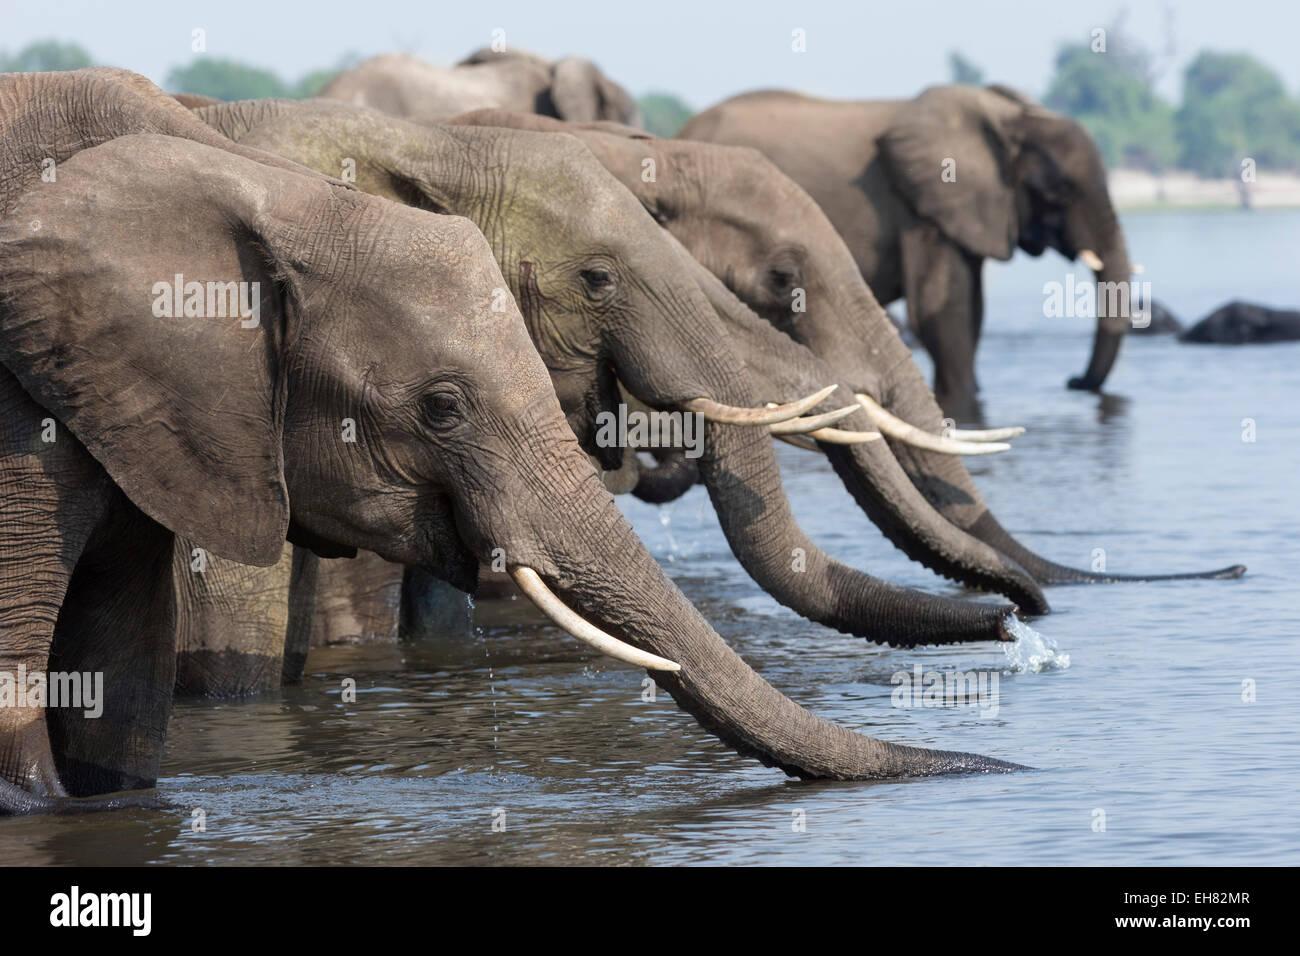 El elefante africano (Loxodonta africana), bebiendo, el Parque Nacional Chobe, Botswana, África Imagen De Stock